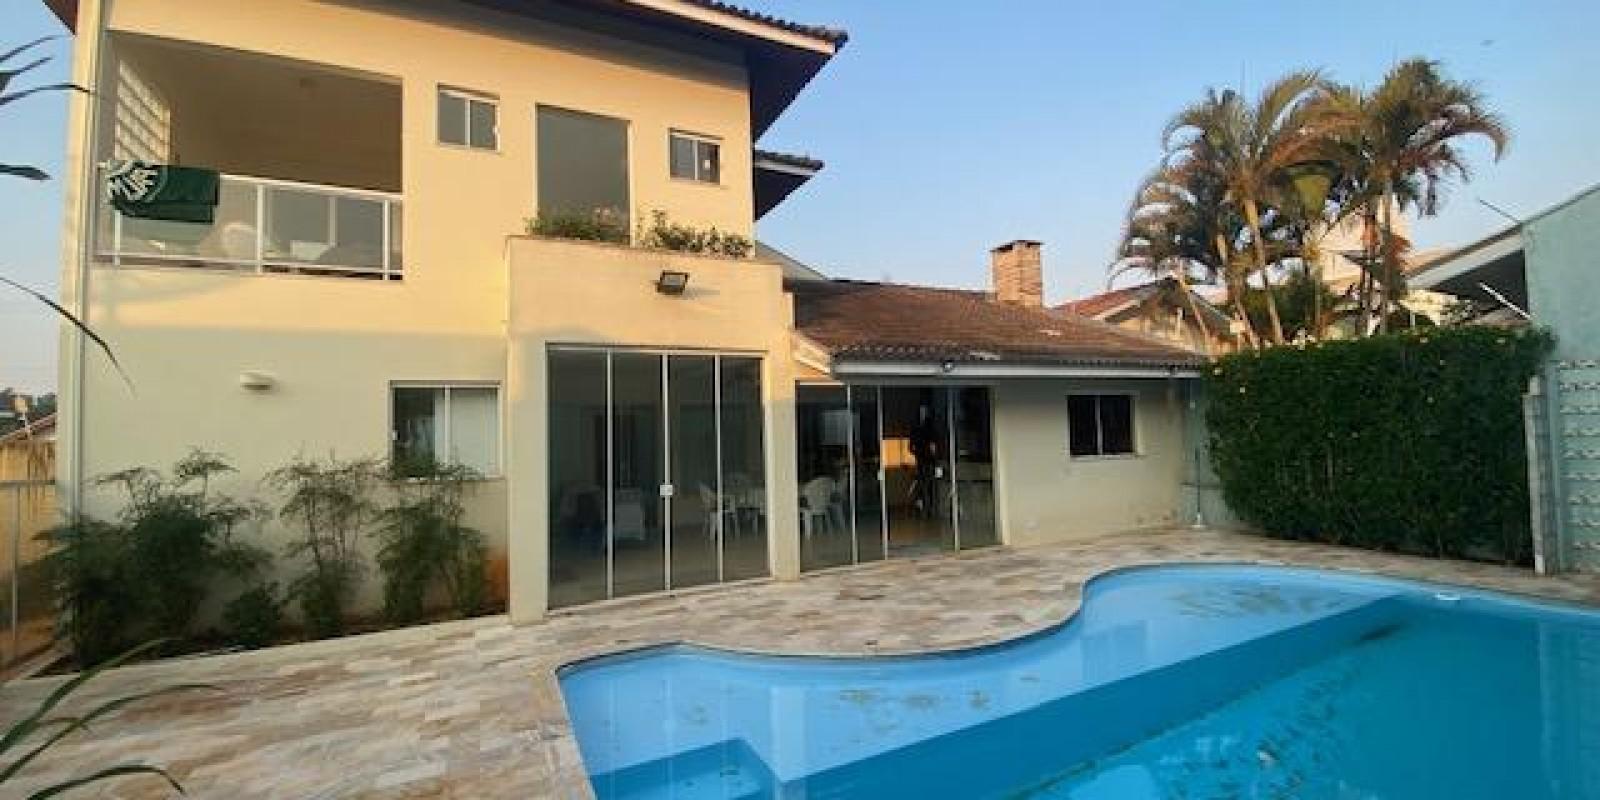 Casa no Bairro Green Vilage em Avaré SP